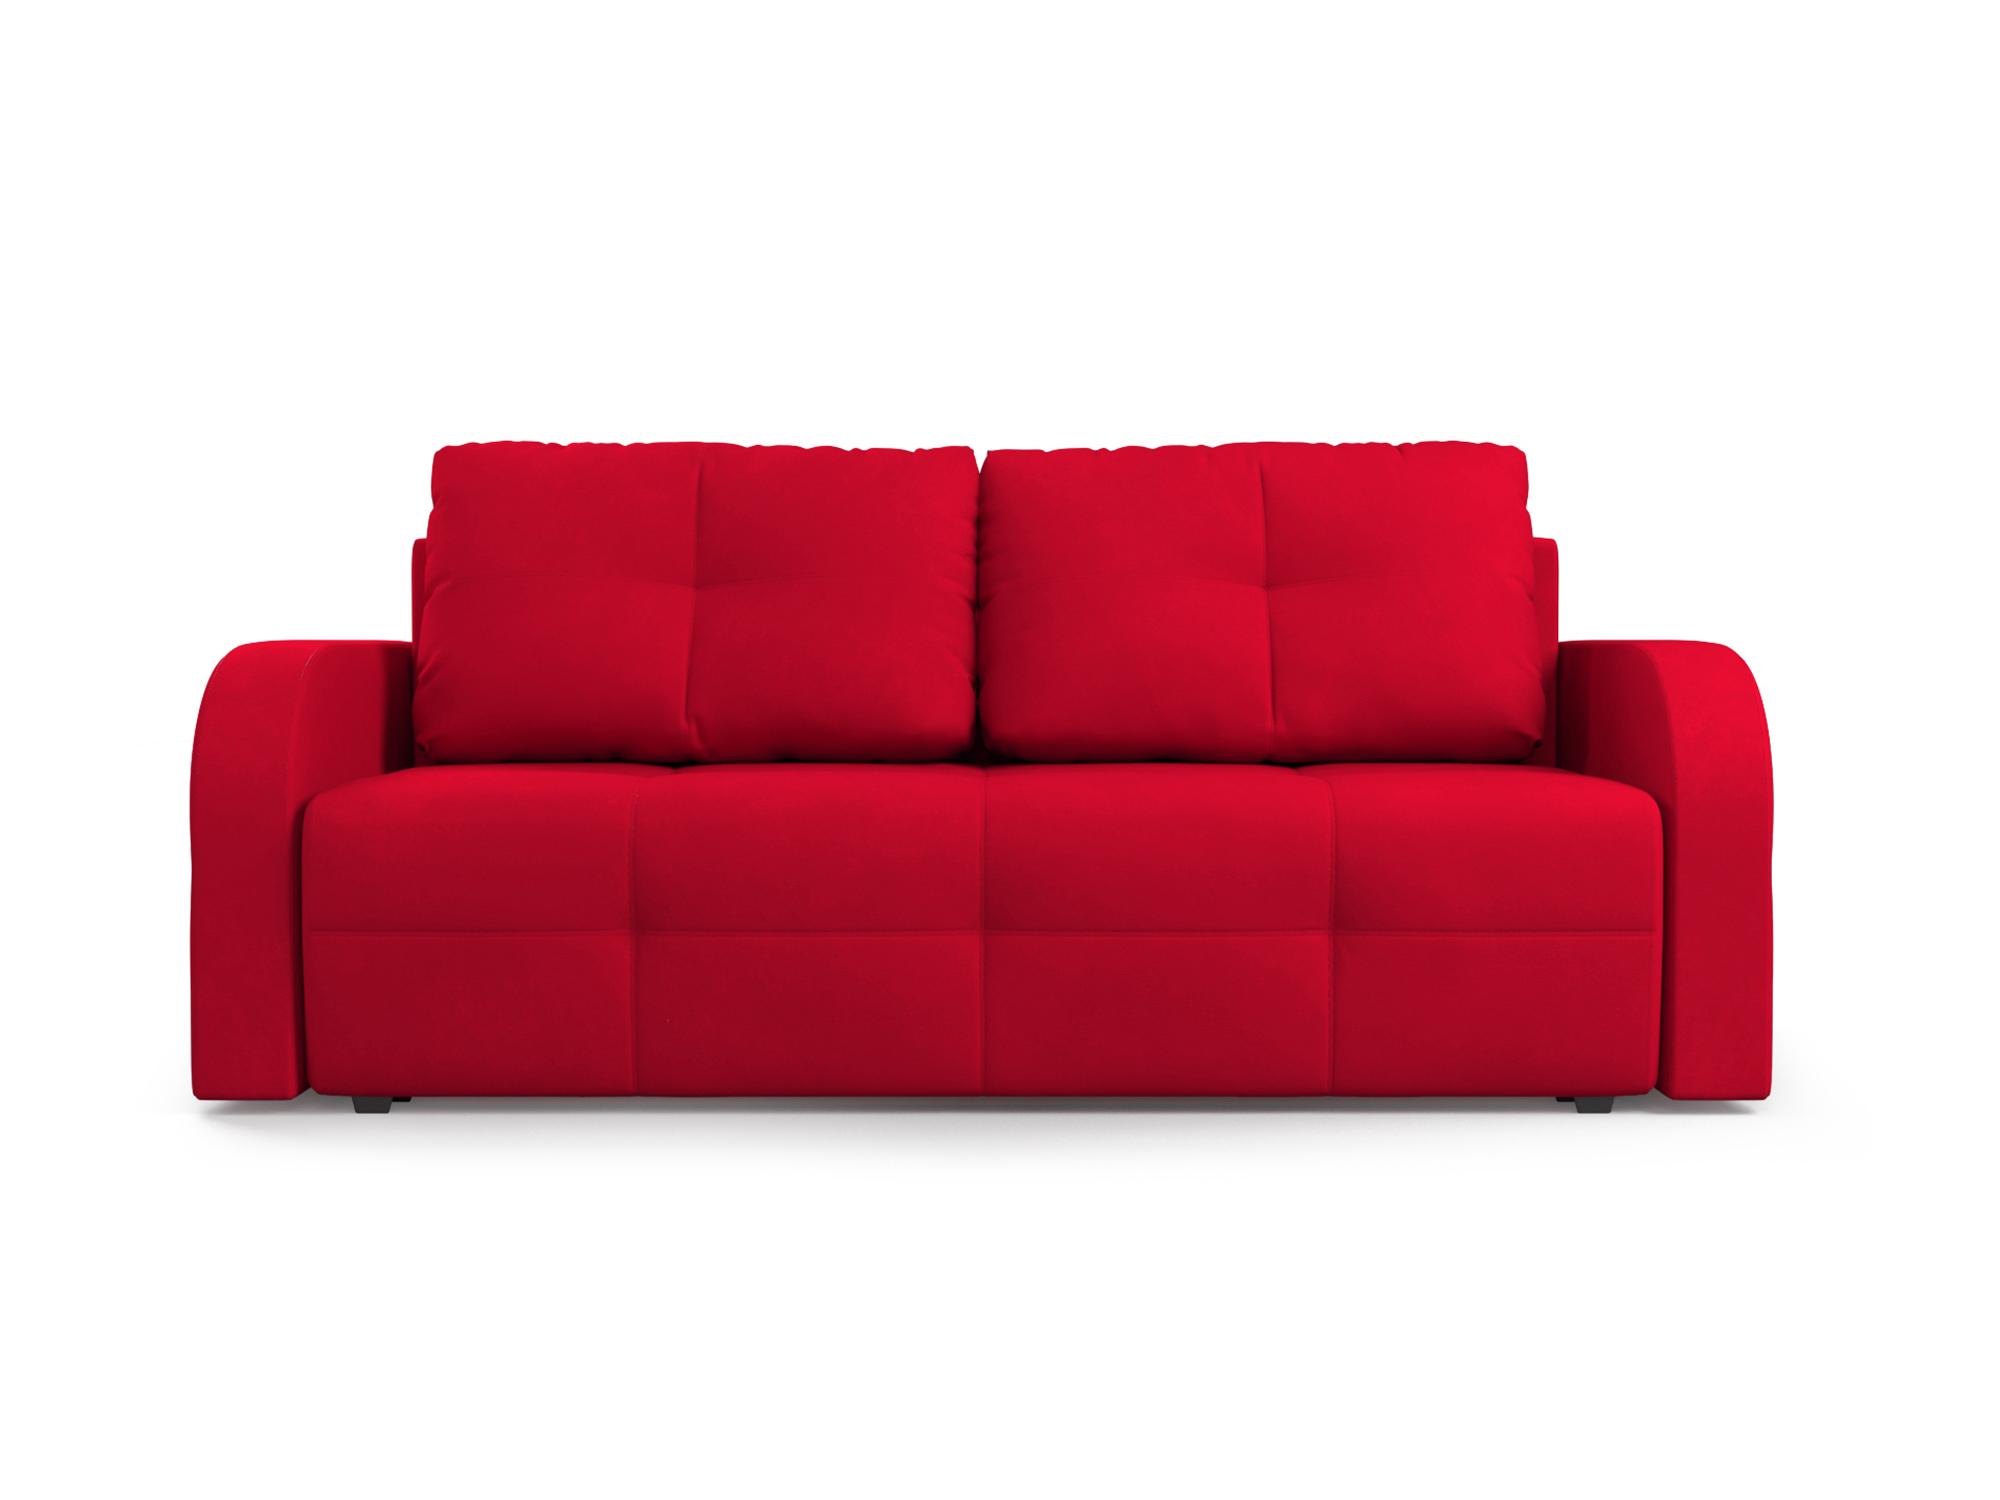 Фото - Диван Марсель 3 MebelVia Красный, Микровелюр, Брус сосны диван мальтида mebelvia красный микровелюр брус сосны